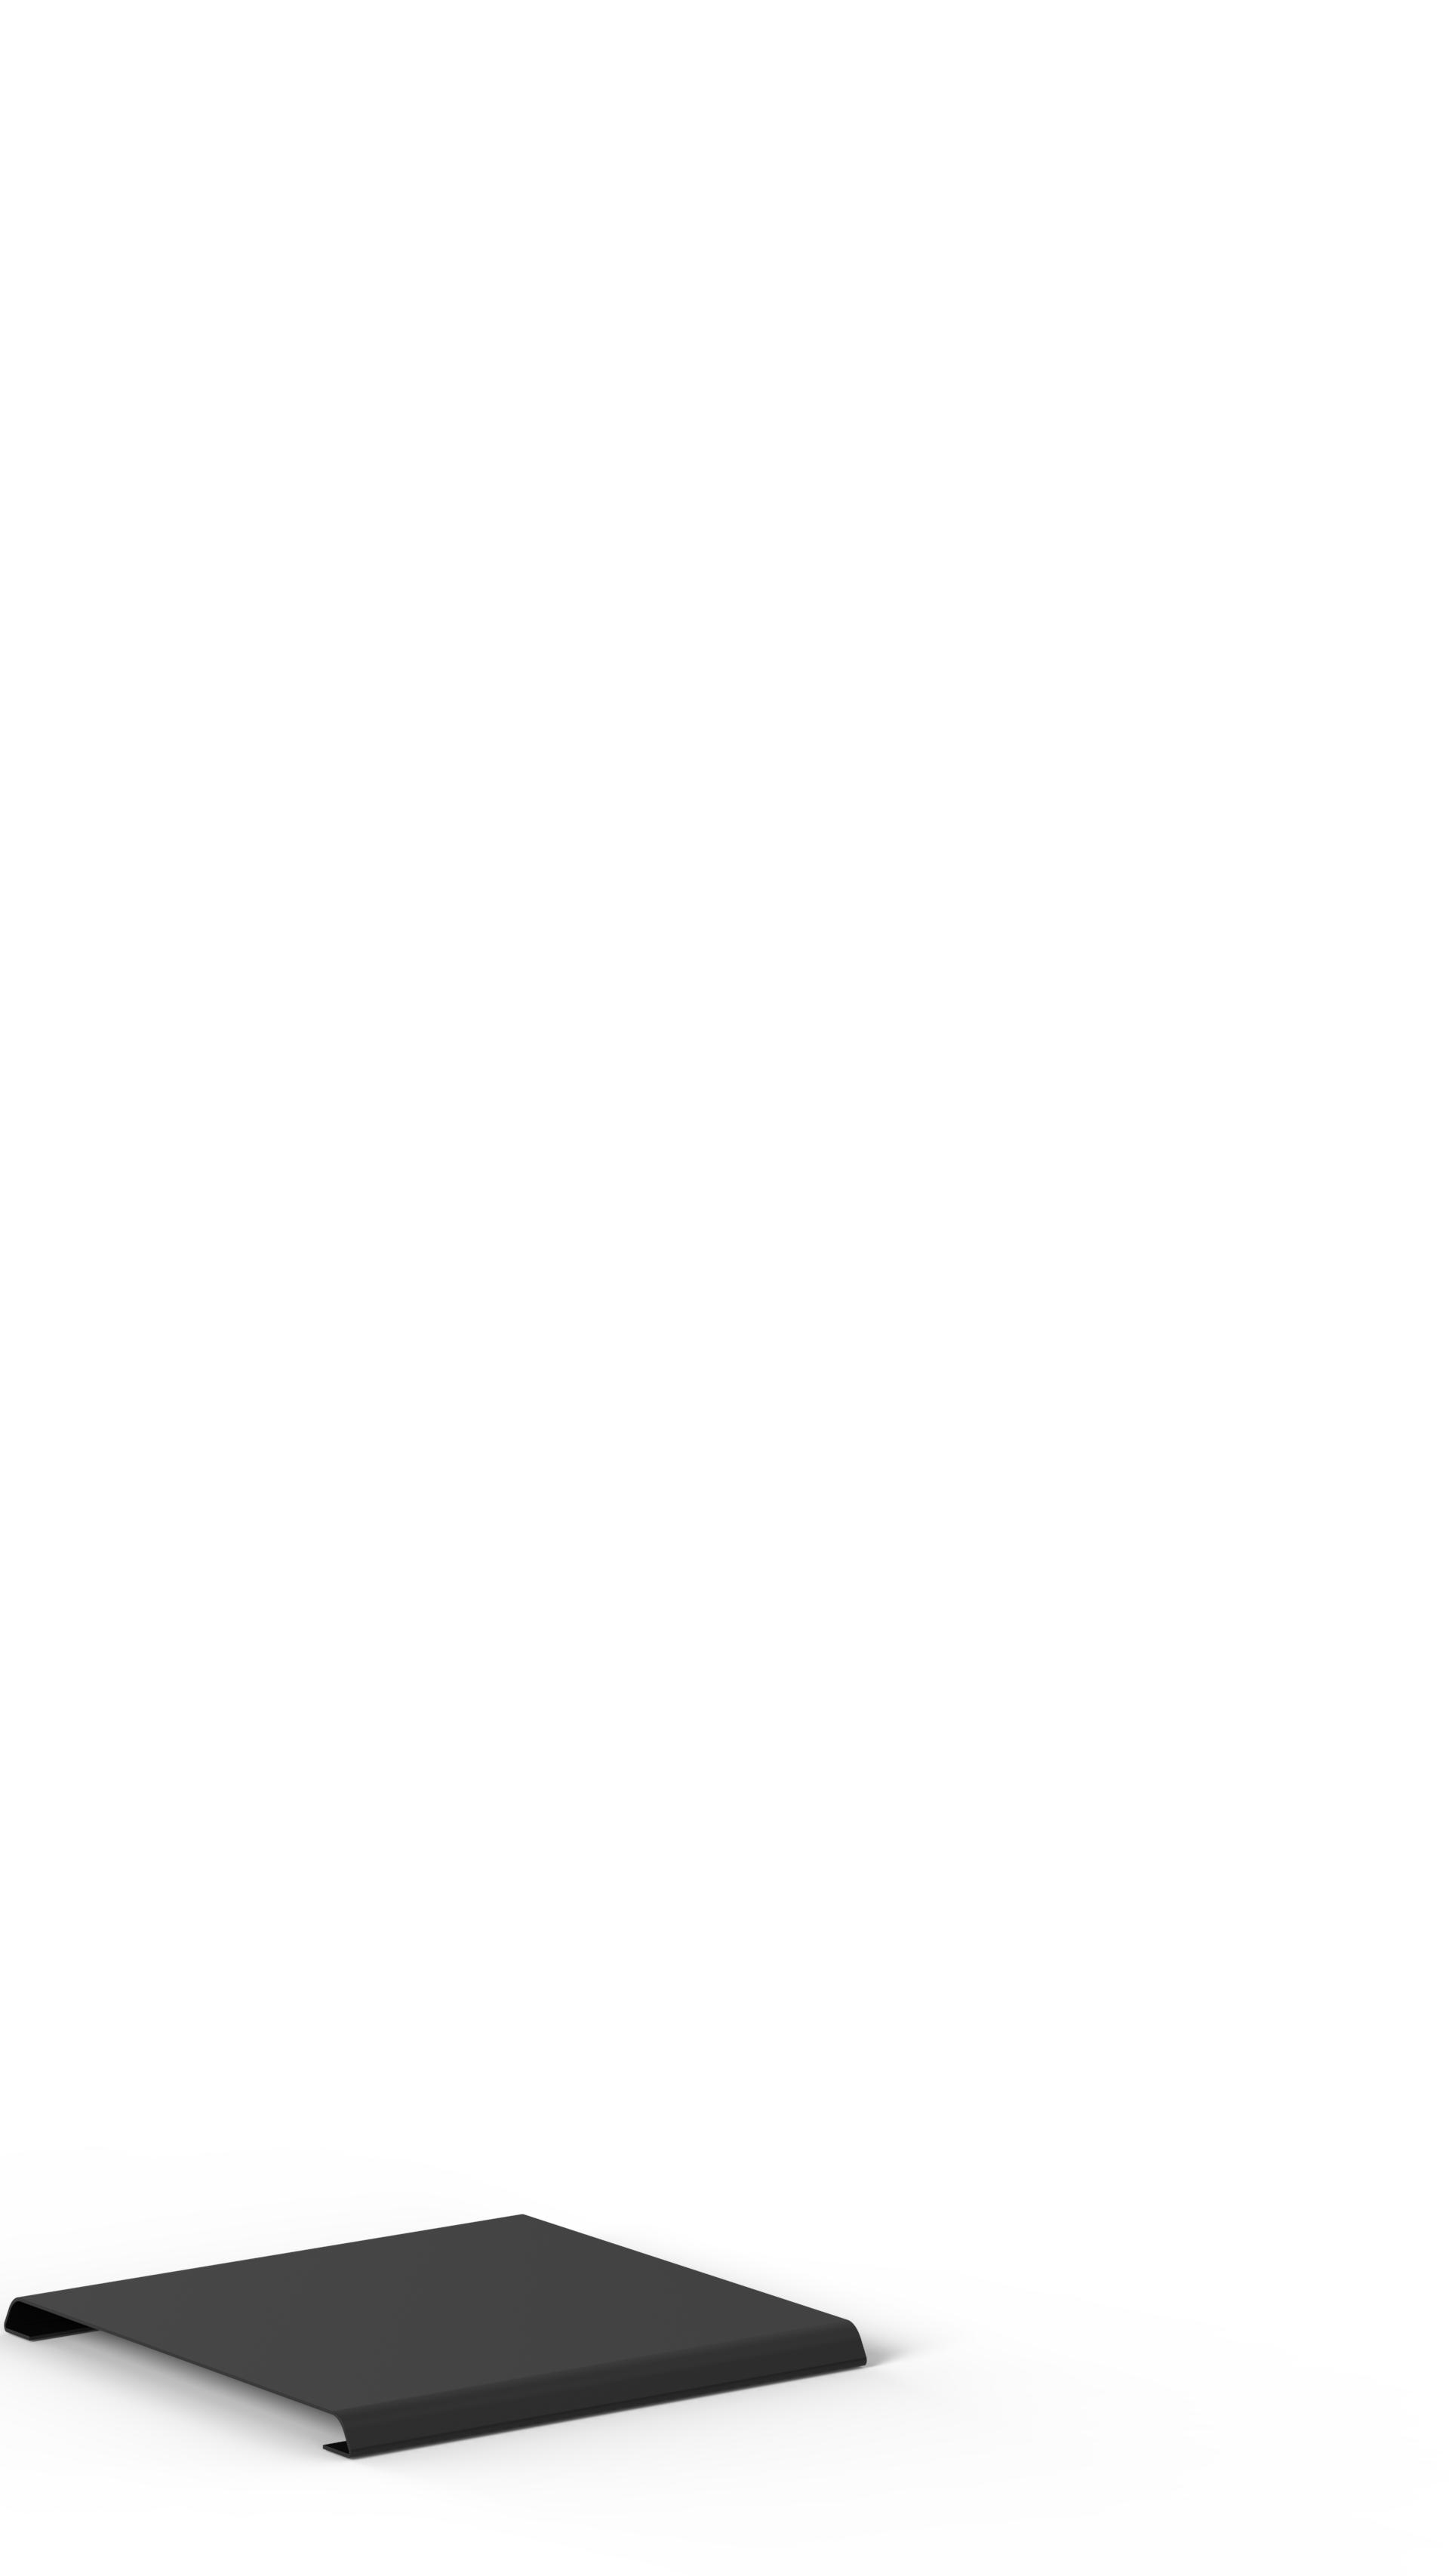 aeroPLI30x30x2x2 Présentoir plateau de présentation SAINT-HONORÉ PARIS